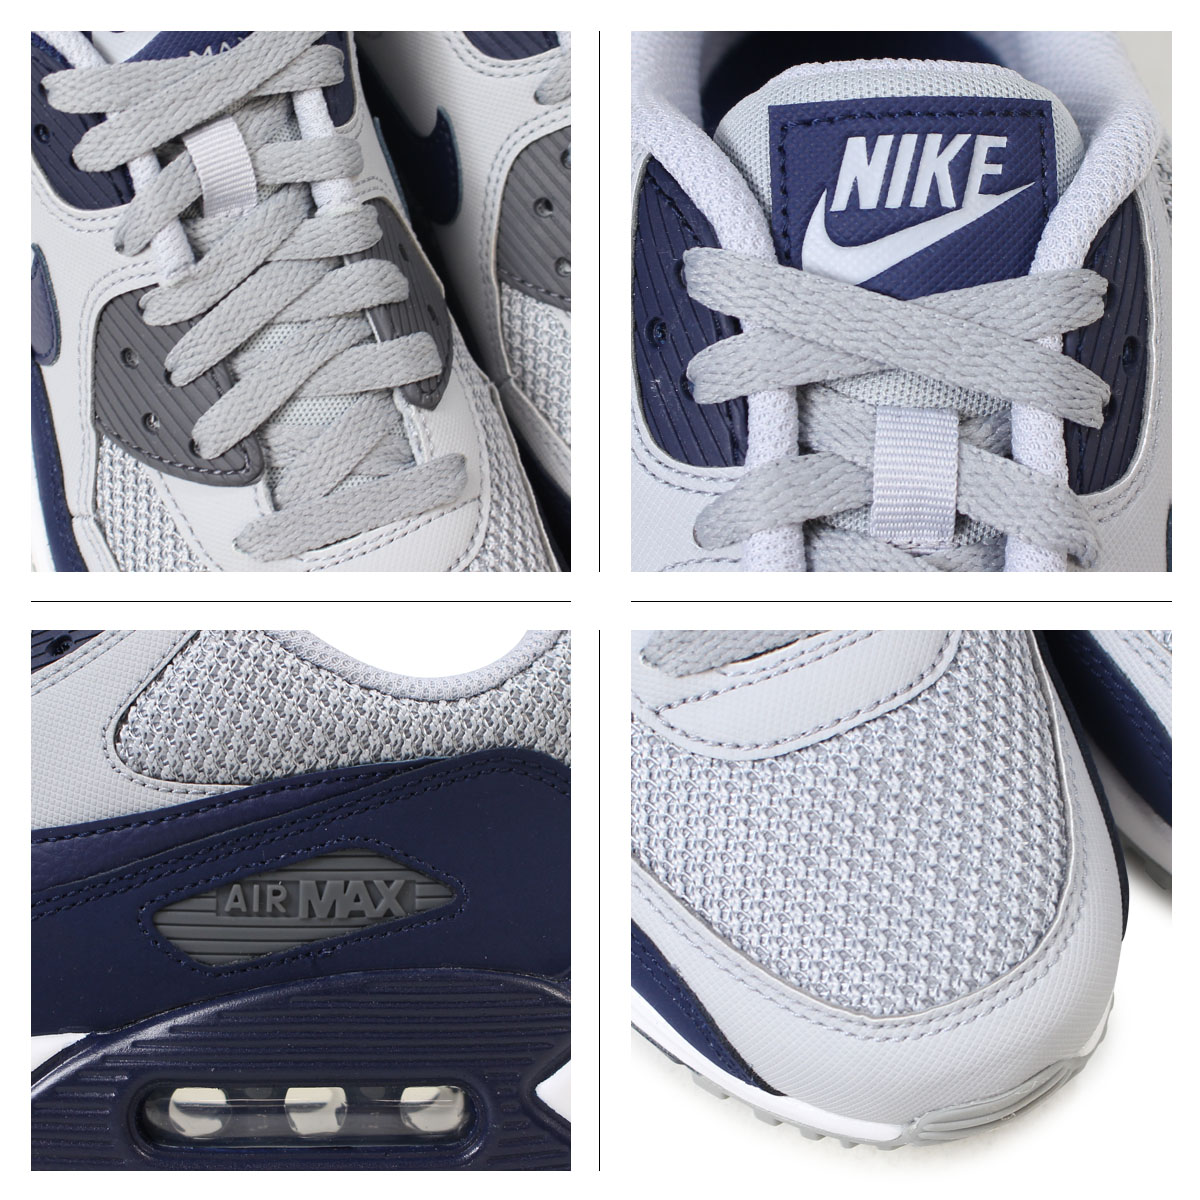 Nike NIKE Air Max sneakers men gap Dis AIR MAX 90 ESSENTIAL 537,384-064 shoes gray [2/27 Shinnyu load]